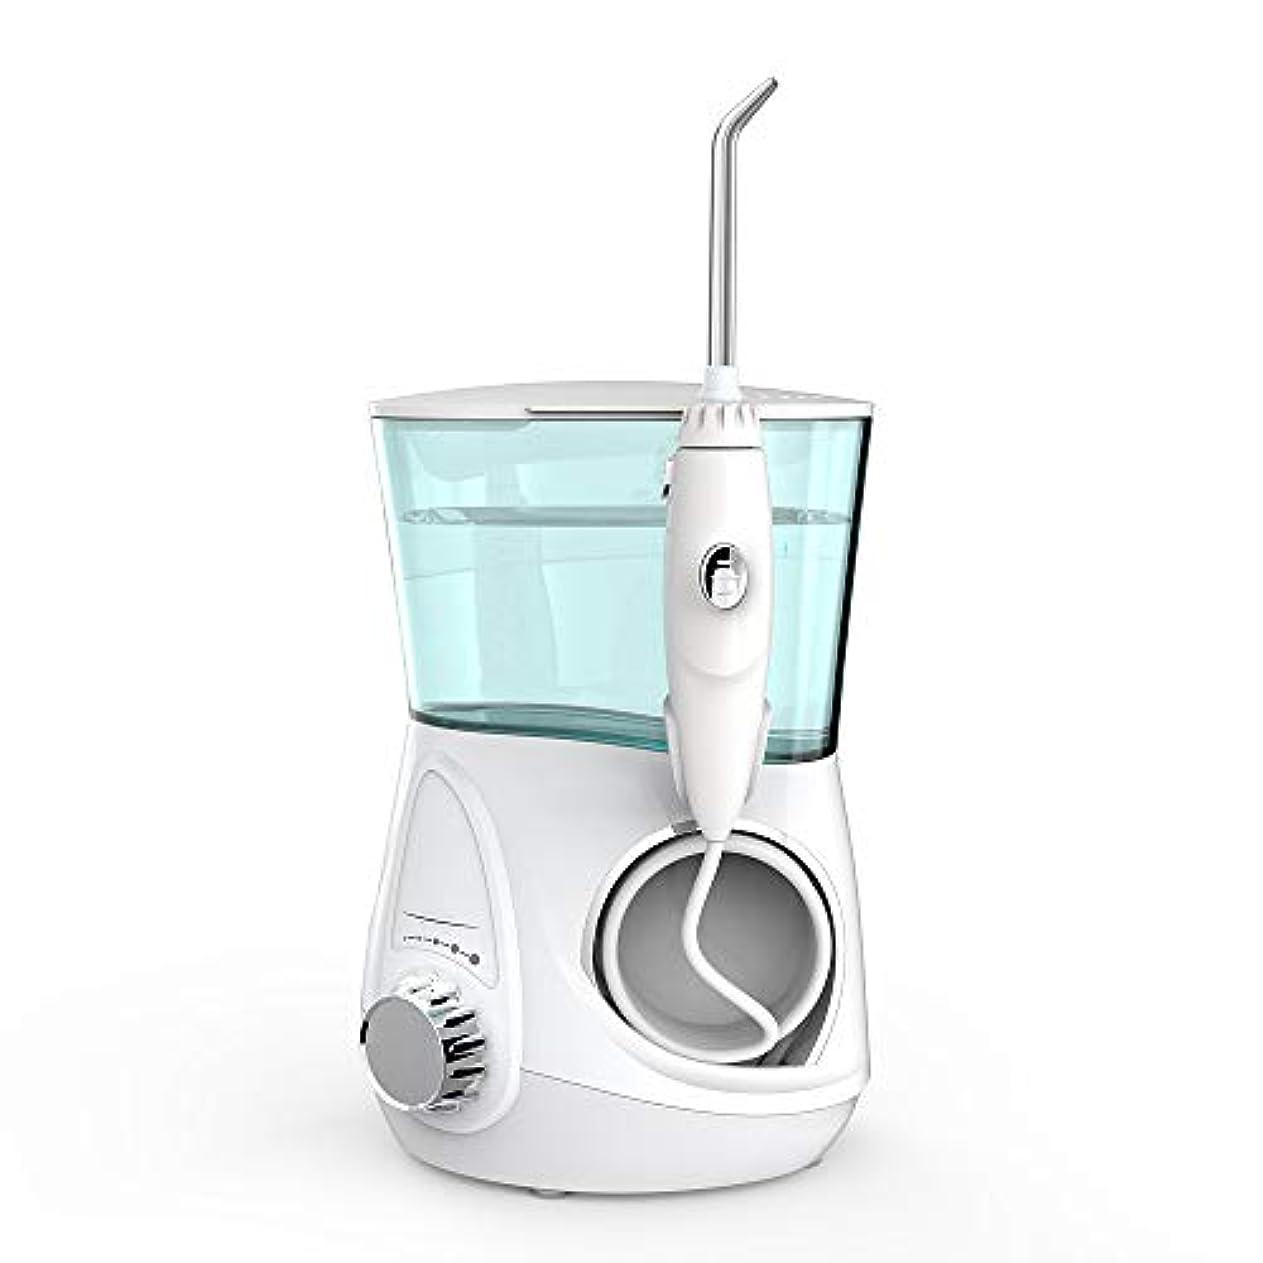 第九半円平日水フロッサー口腔洗浄器、電気家庭用洗濯機ウォーターフロスケア充電式ウォーターピックジェット歯クリーニングで5ピースジェットti